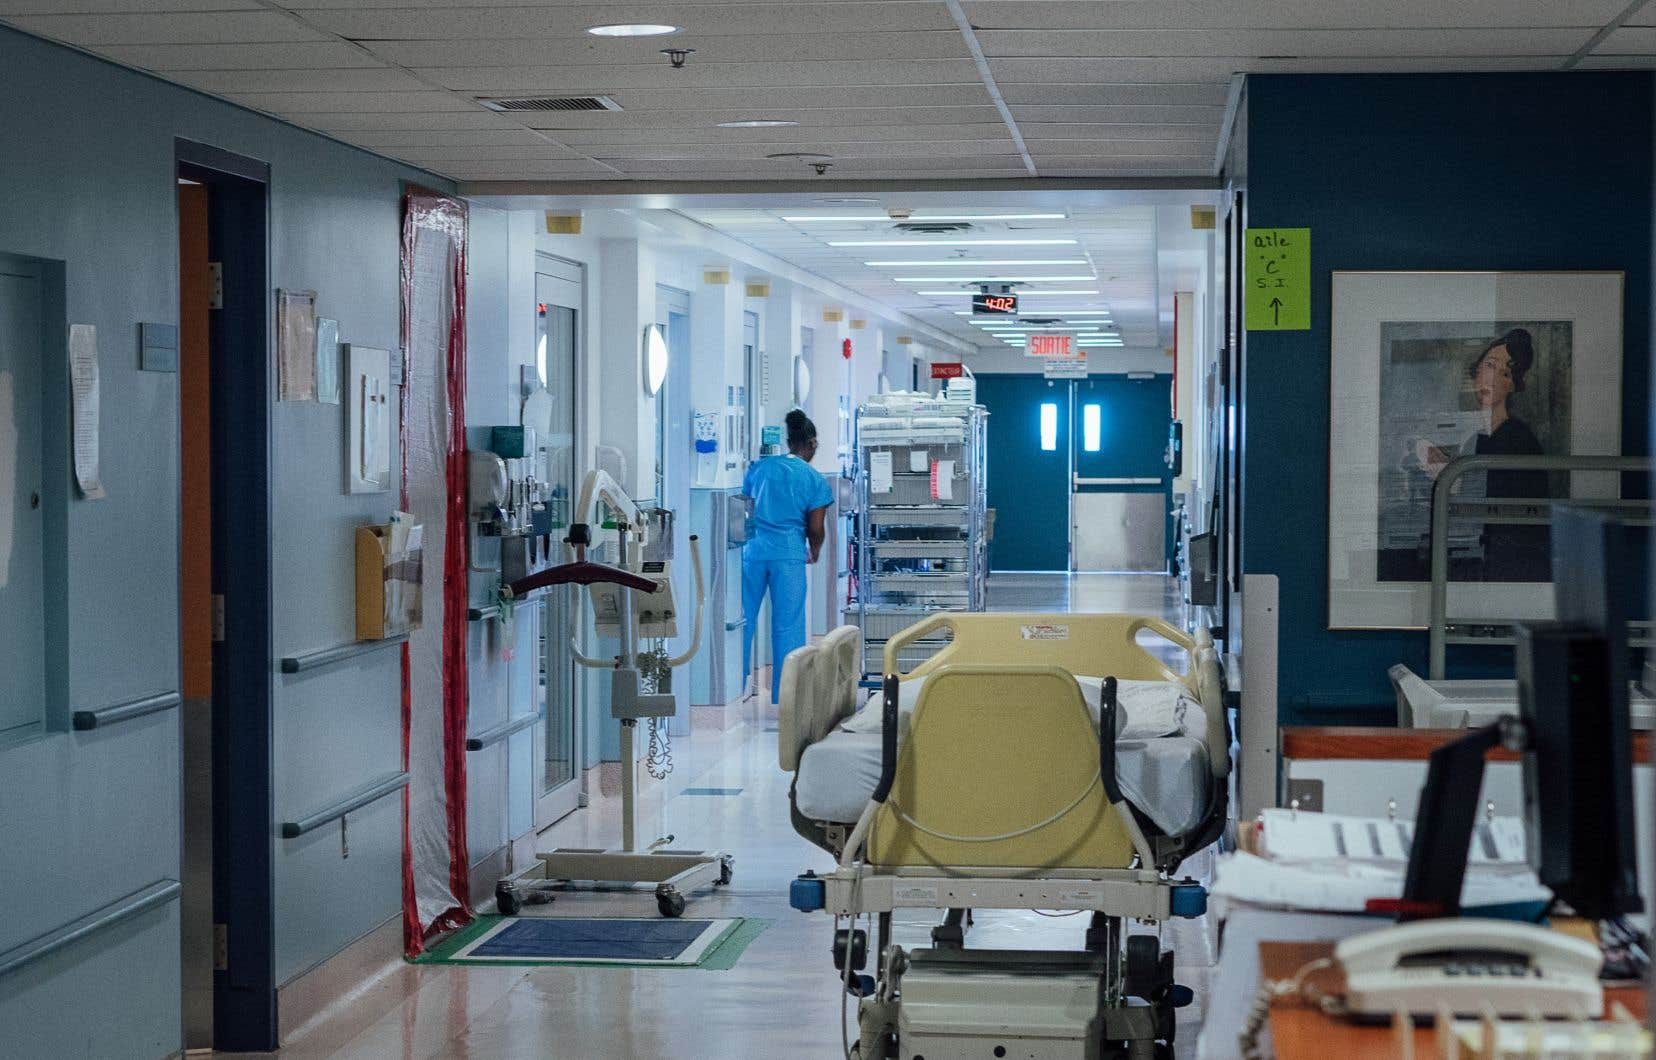 Les personnes contaminées par la COVID-19 qui doivent être hospitalisées le sont d'abord parce qu'elles ont besoin d'oxygène.